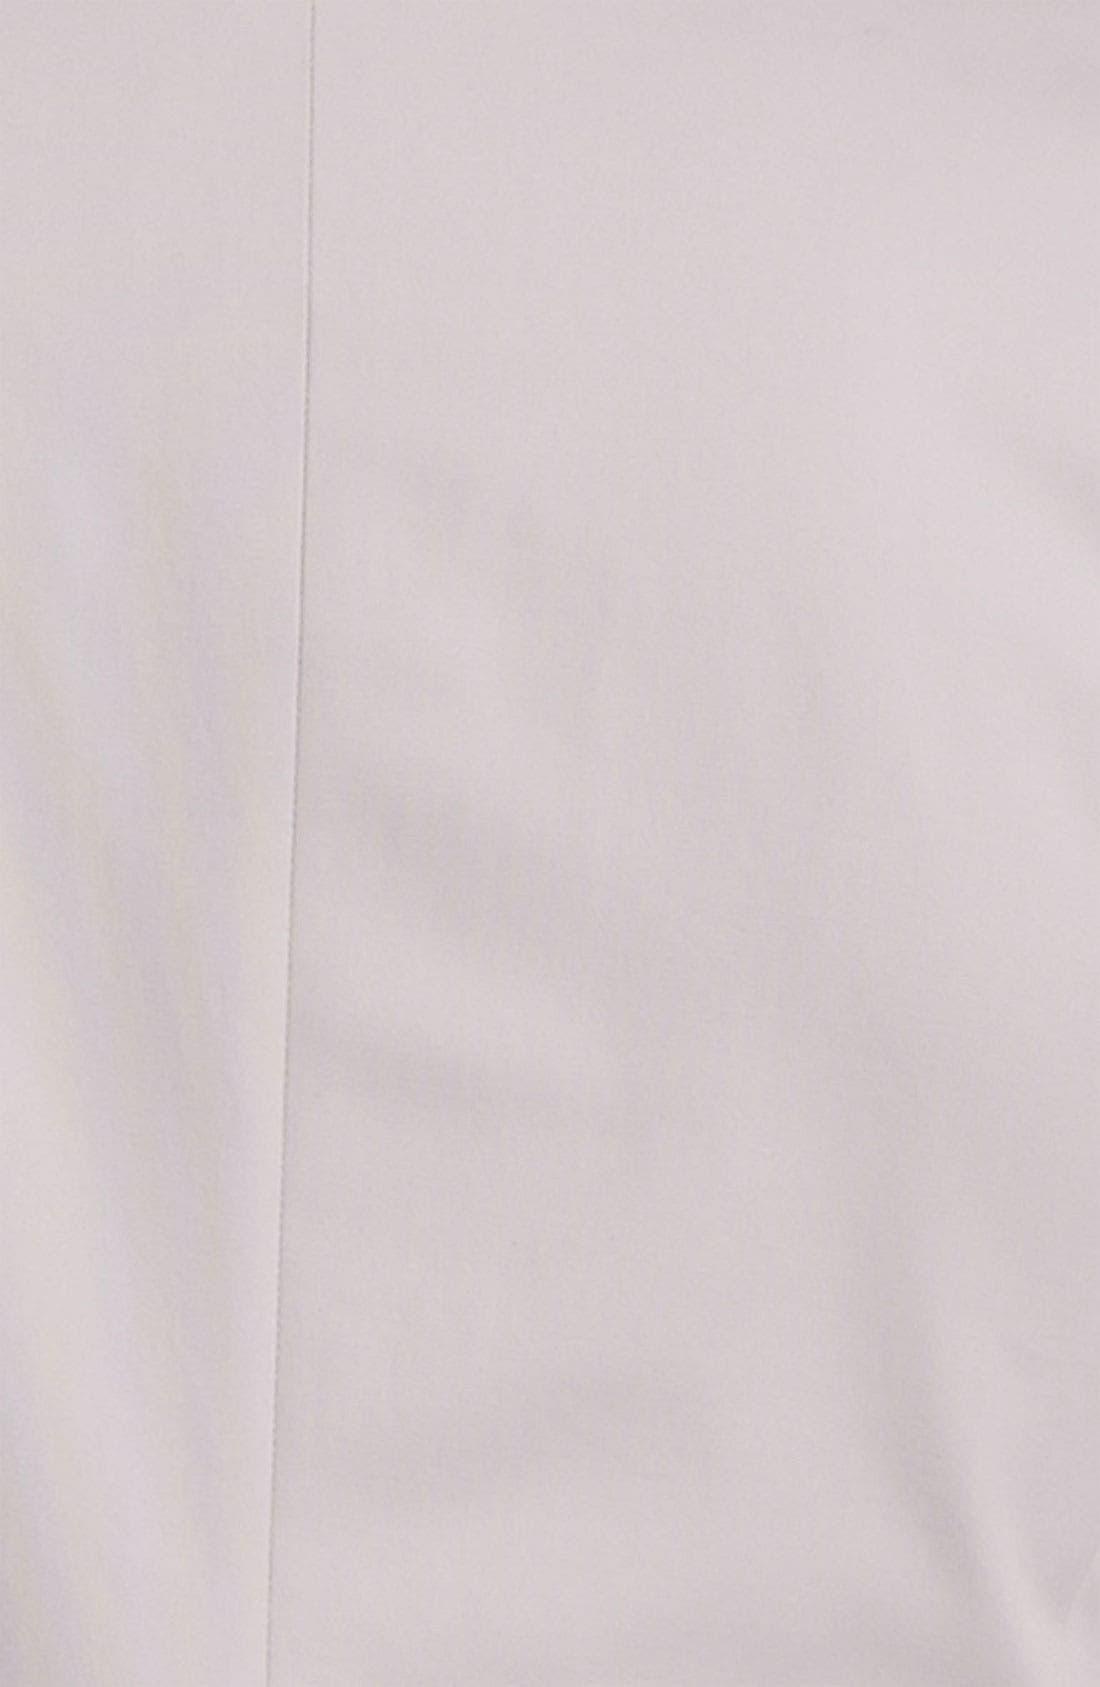 ZZDNUHUGO BOSS HUGO 'Aeris' Trim Fit Cotton Blend Blazer, Main, color, 030